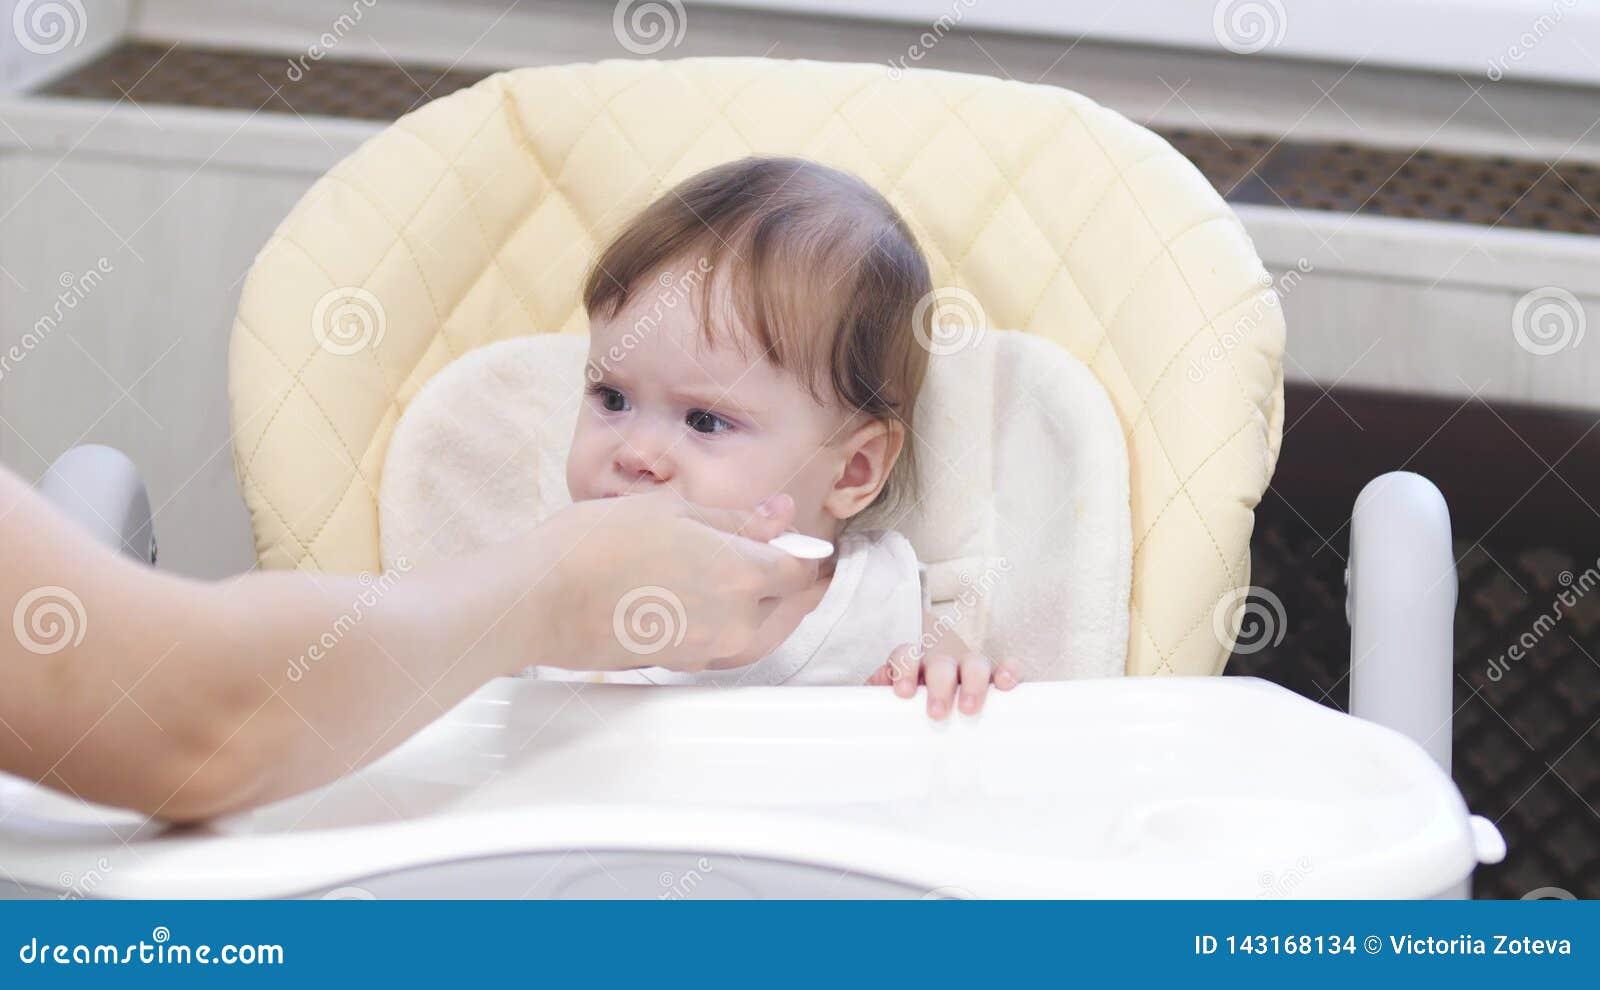 Le bébé mange du gruau de la cuillère, crache et sourit se reposant sur le highchair dans la cuisine